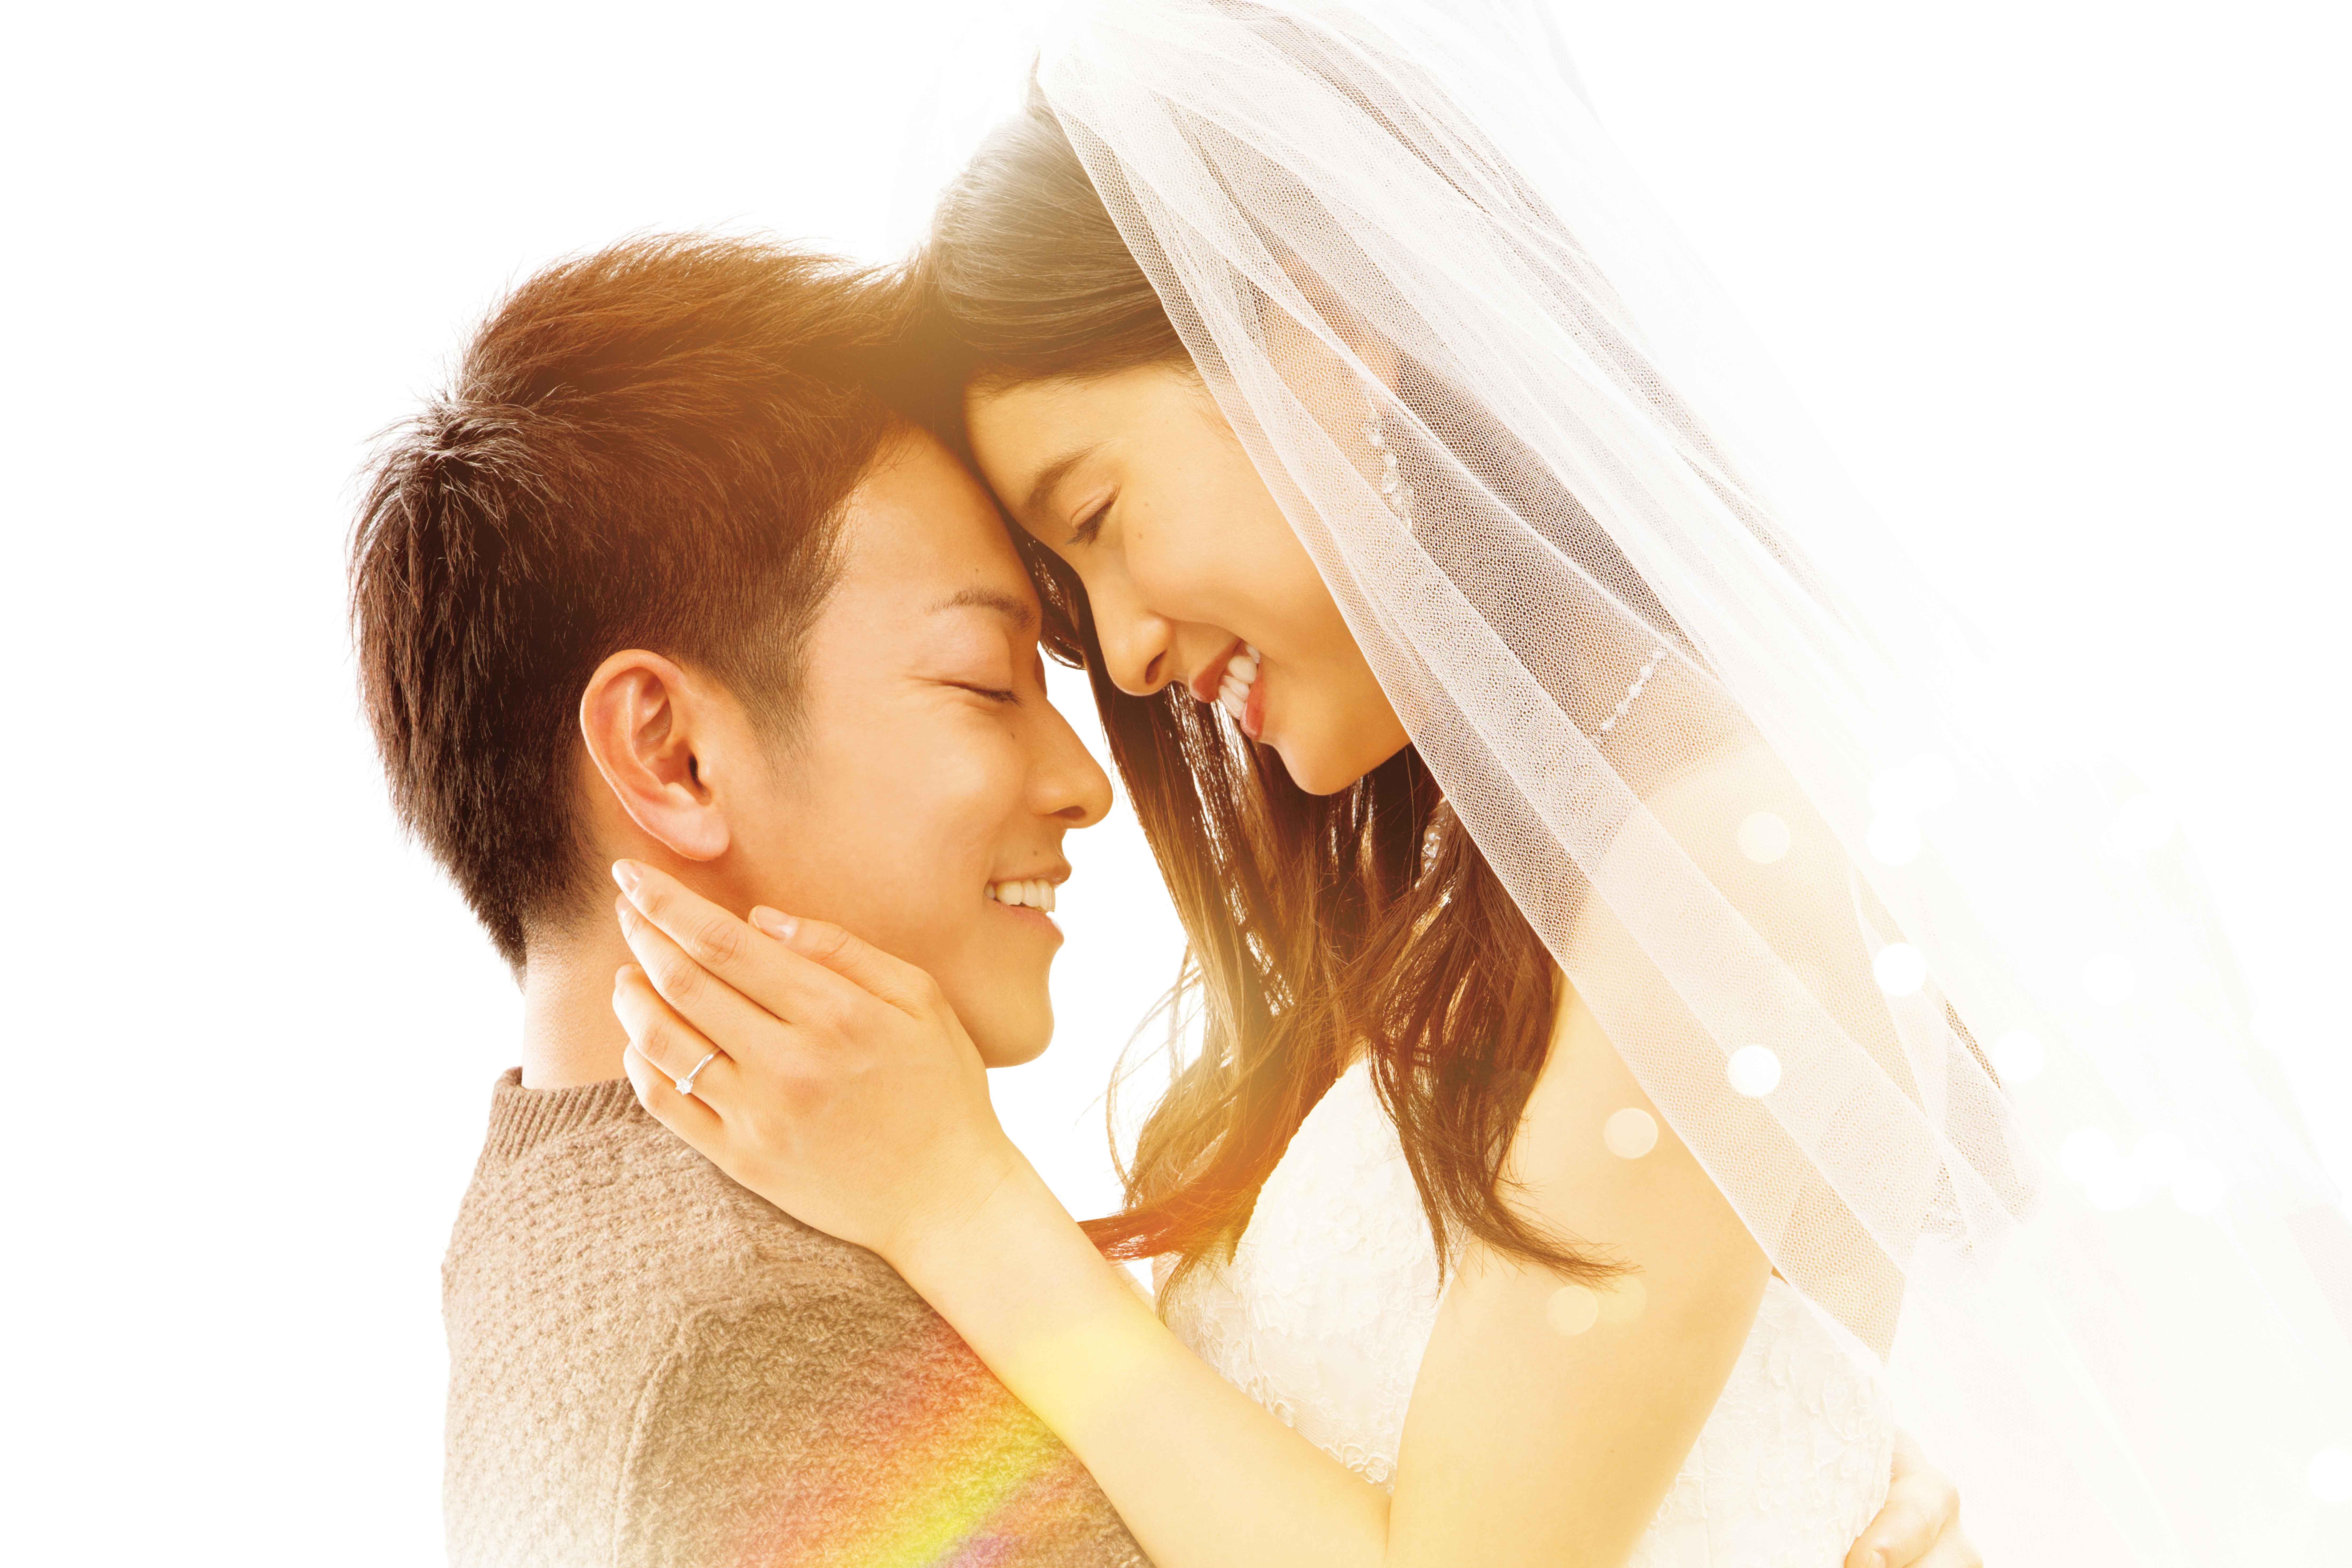 新曲「瞬き」が12/16公開の映画『8年越しの花嫁 奇跡の実話』の主題歌に決定!